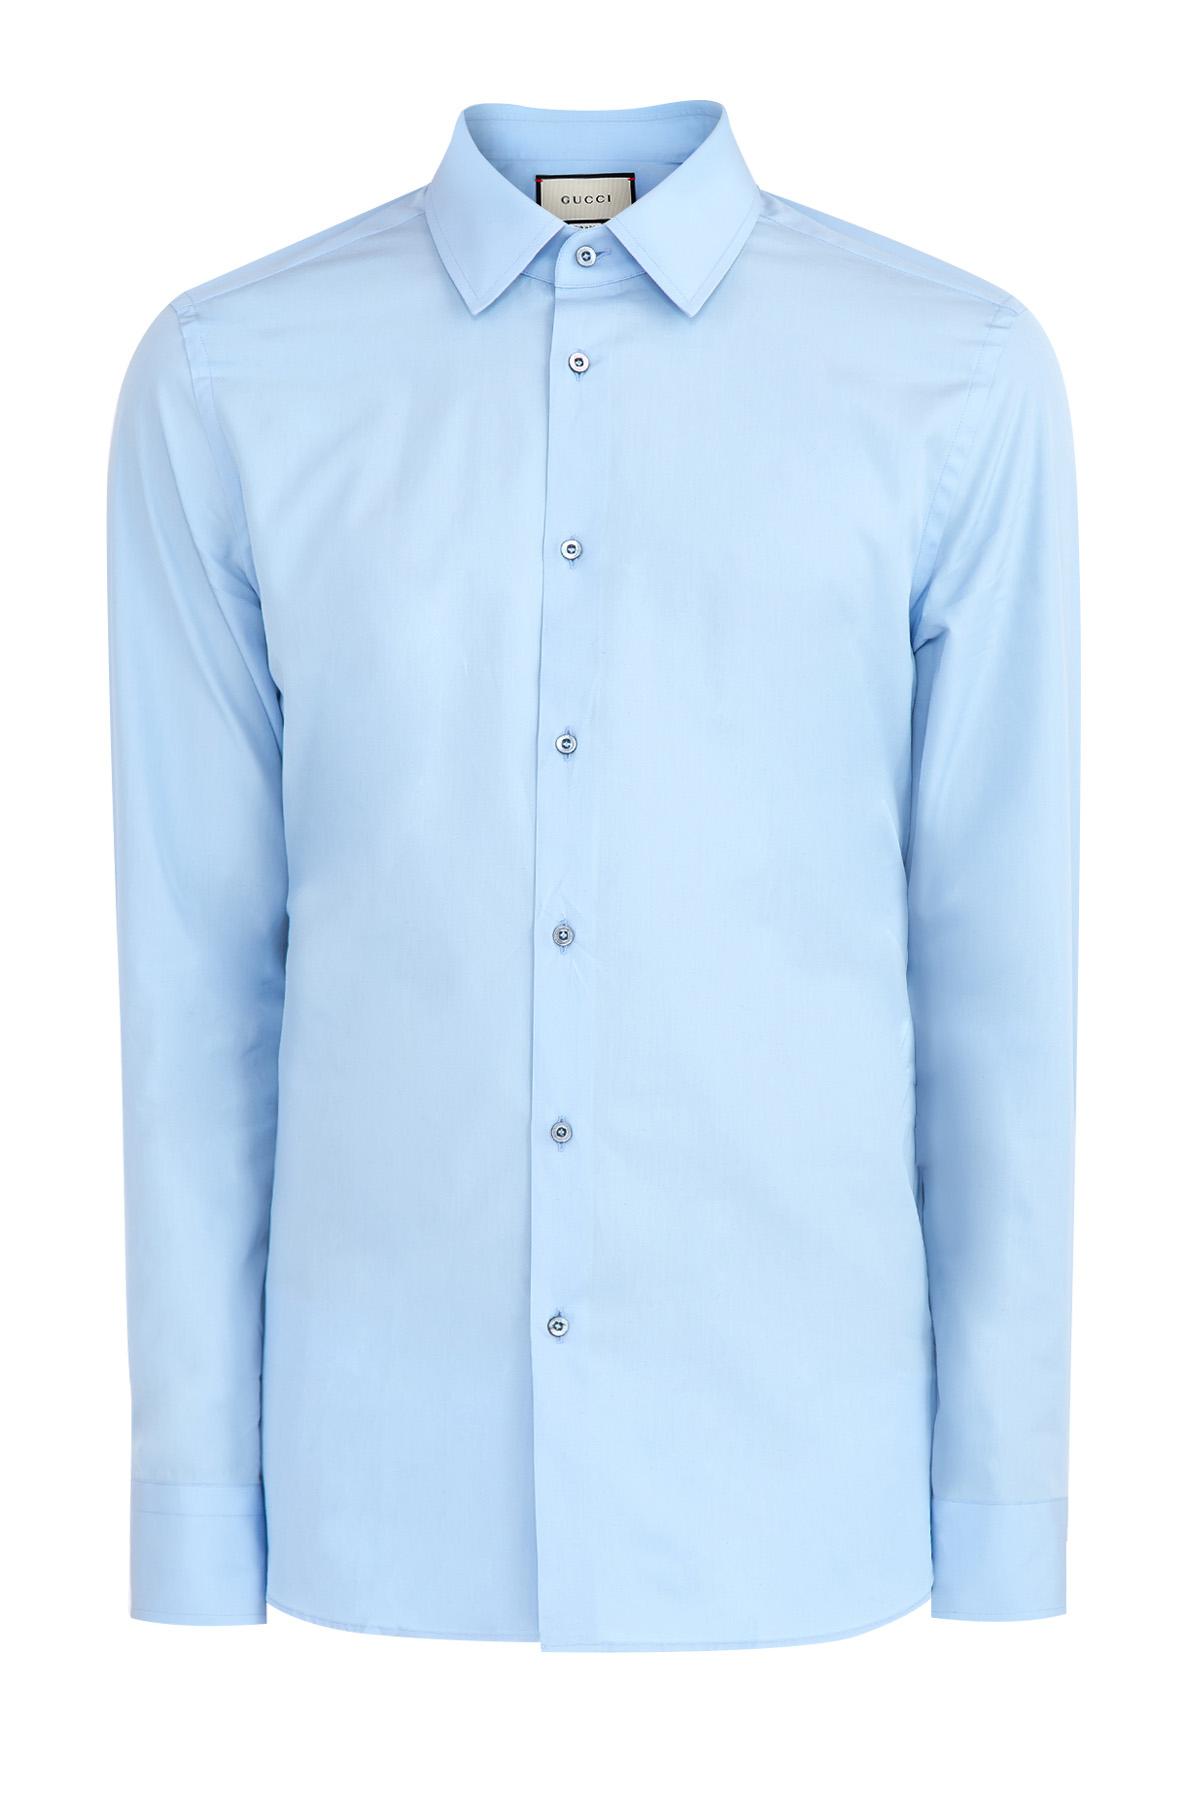 Базовая рубашка из хлопкового поплина фото